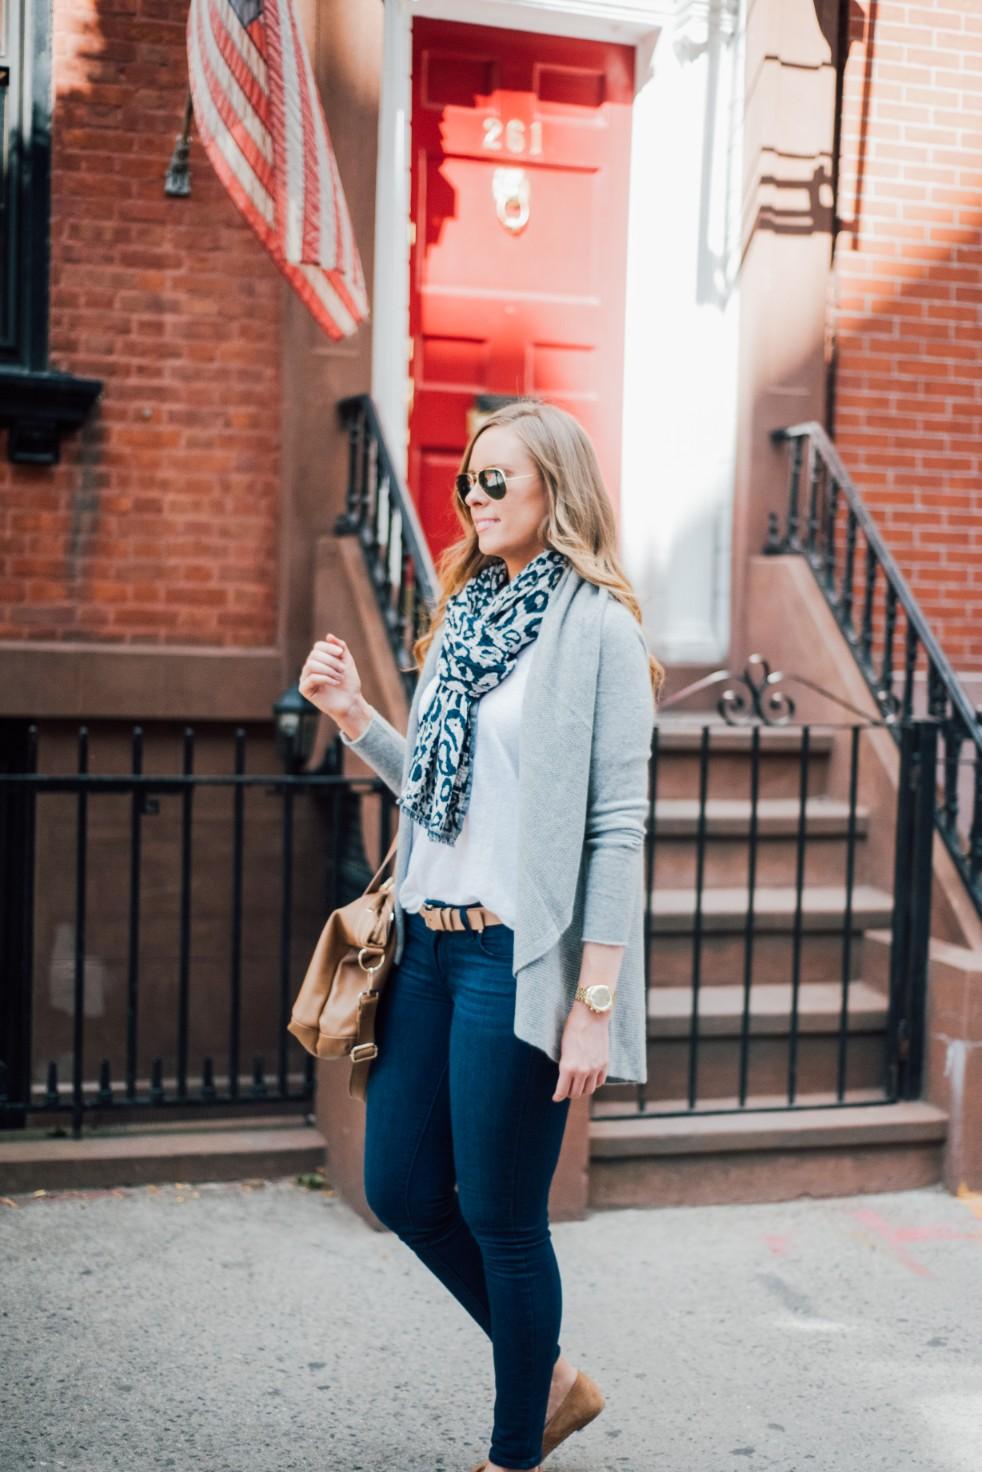 3 Wardrobe Basics Every Stylish Girl Needs